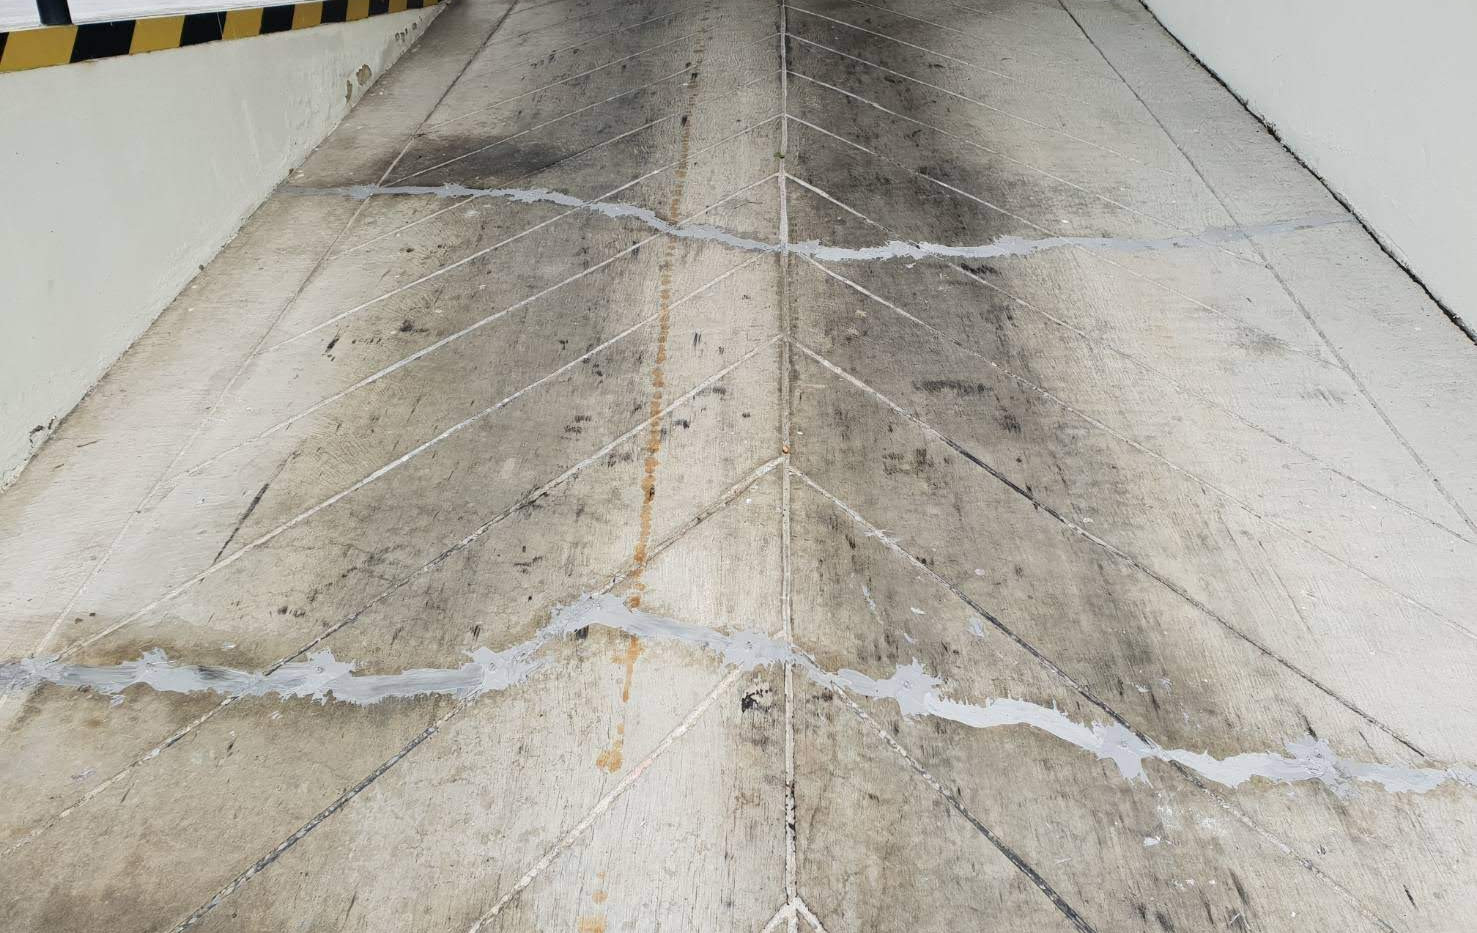 ซ่อมรอยร้าวโรงงานกระทิงแดง (11).jpg